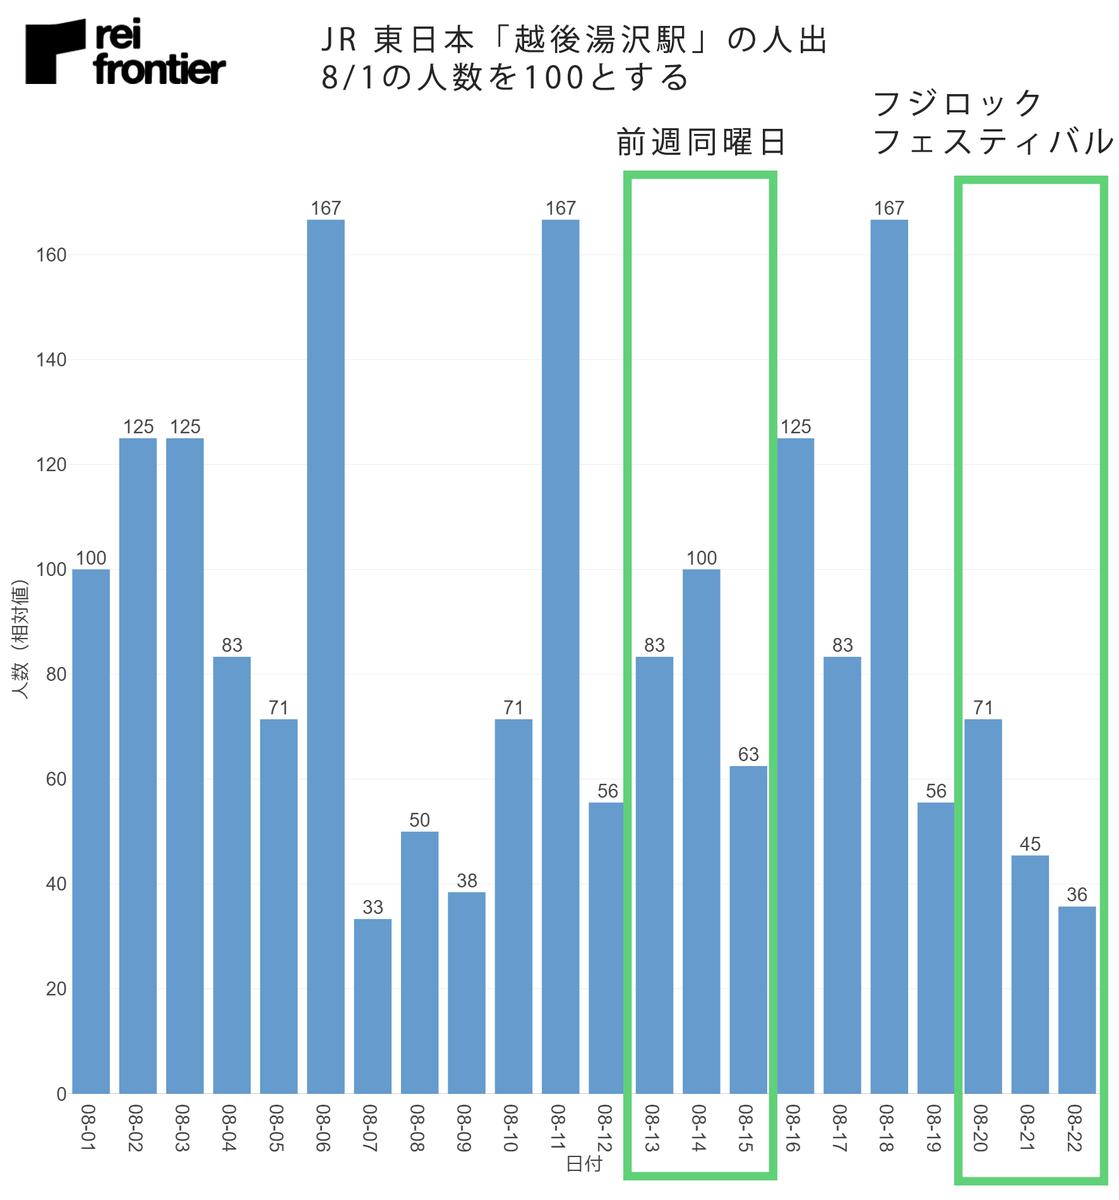 JR 東日本「越後湯沢駅」の日別の人出